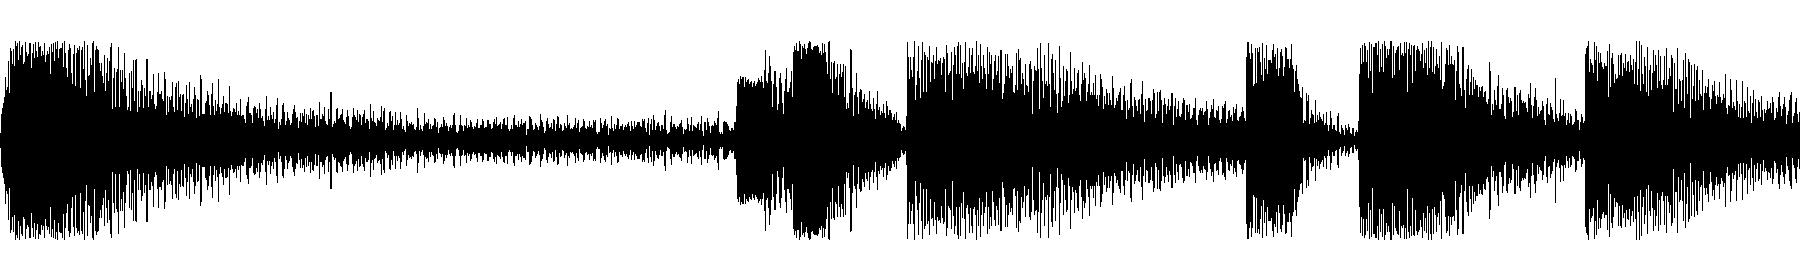 parameswara  lofi melody loop 19   130 bpm d min